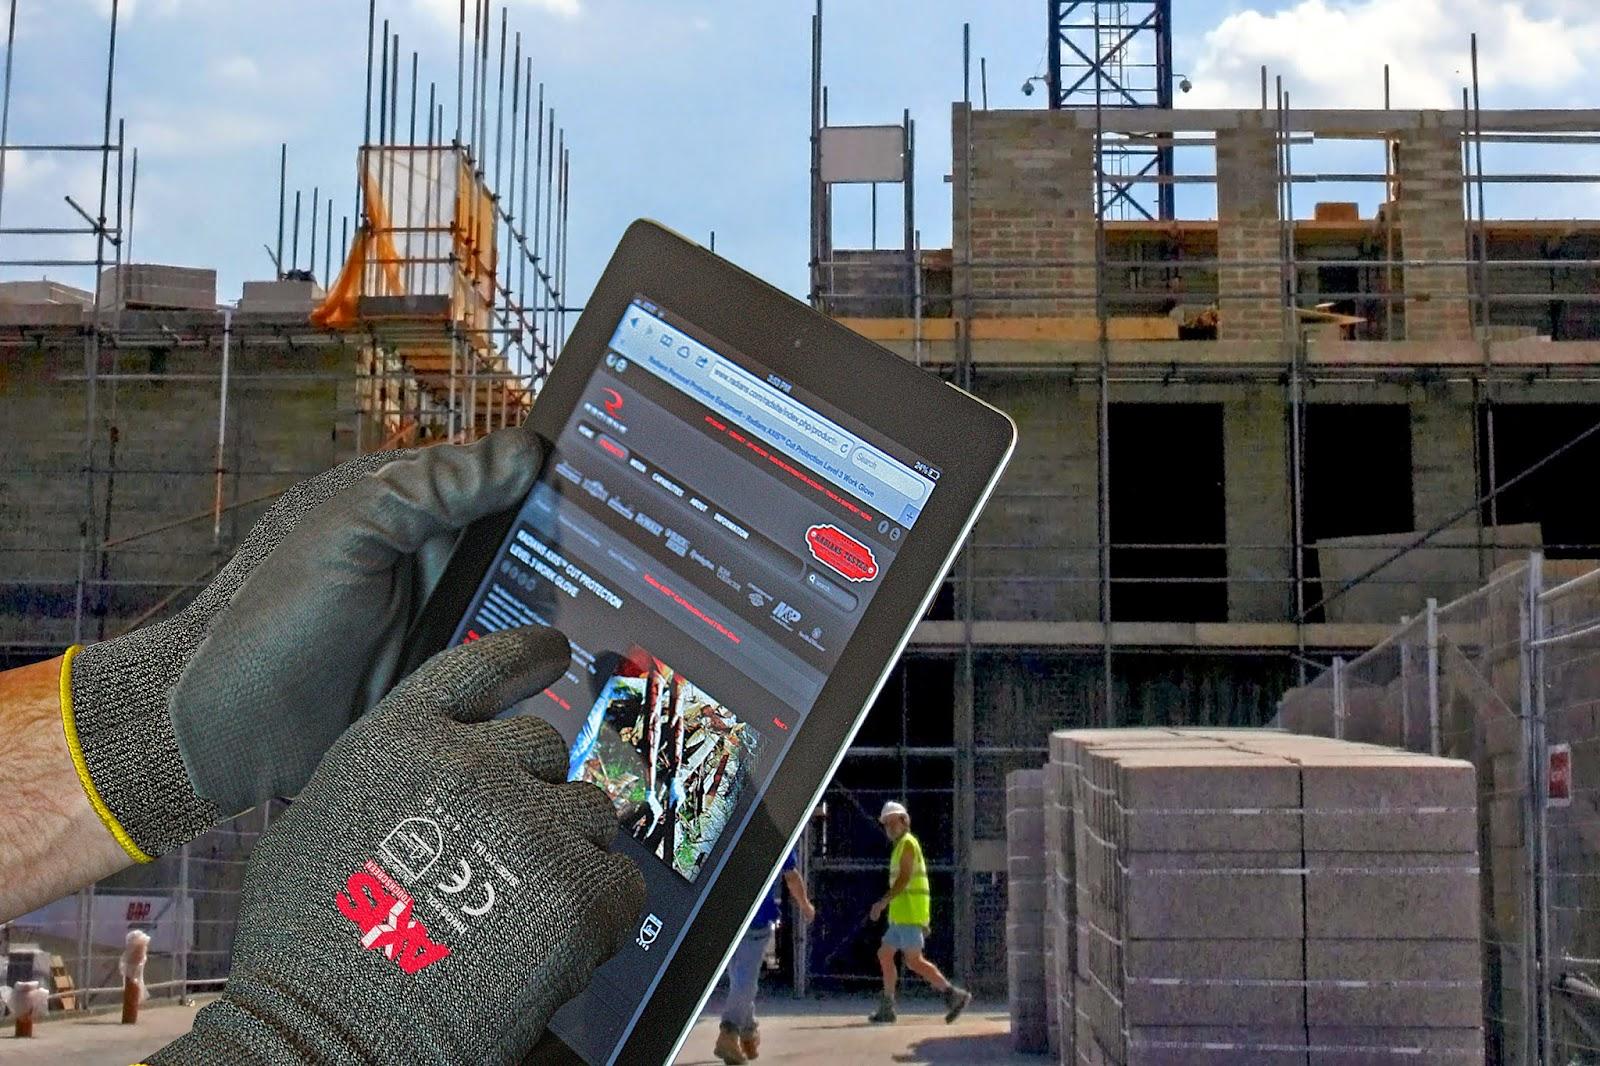 http://www.gloves-online.com/proddetail.php?prod=WK-RWG532